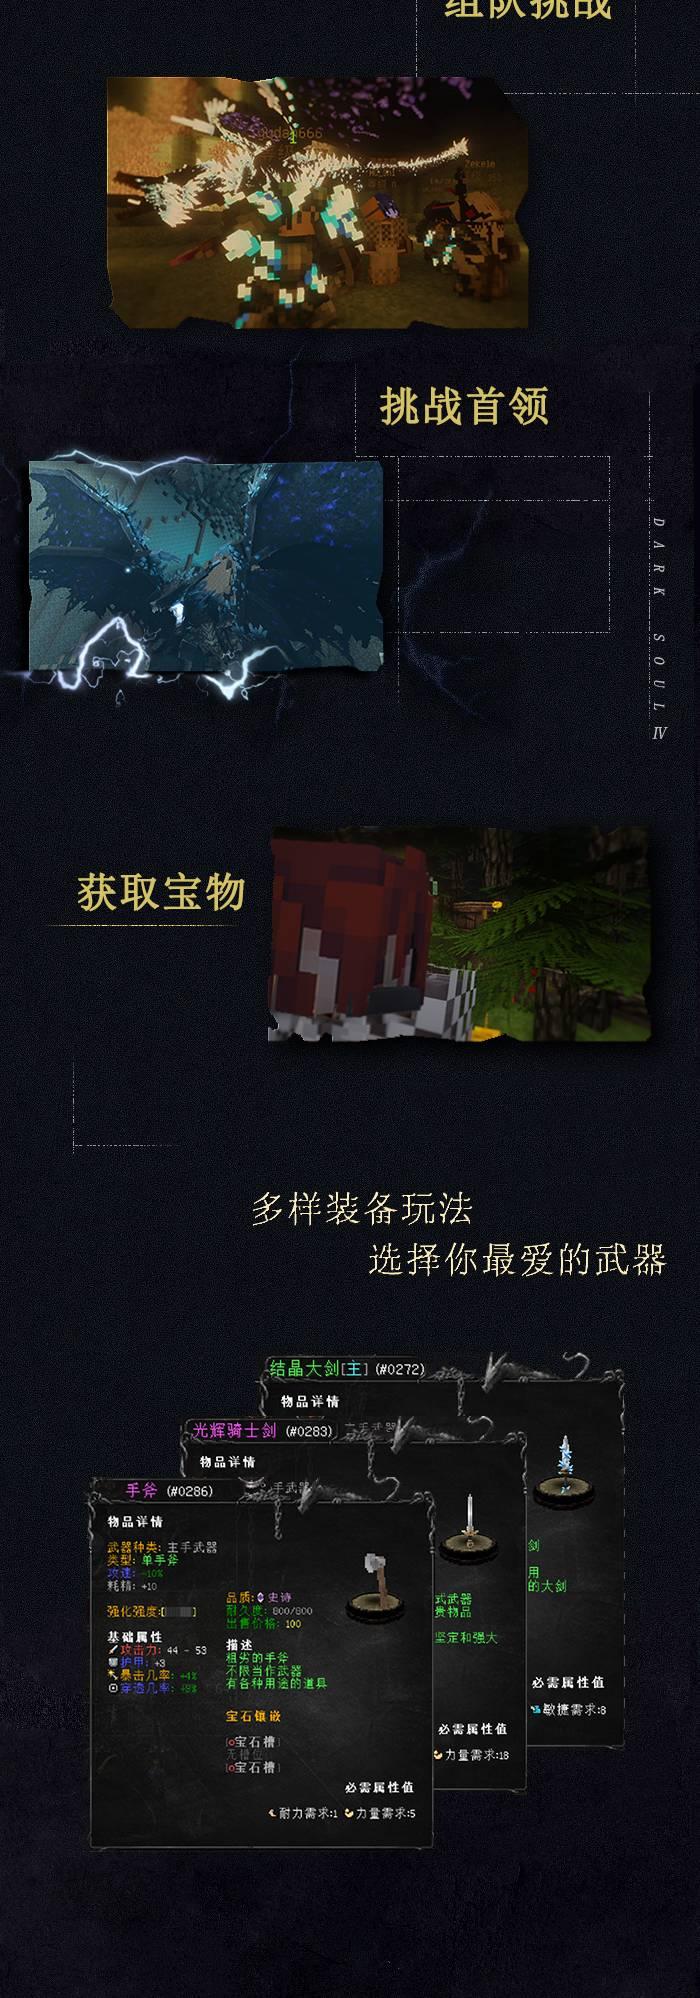 file_1626448746000.jpg